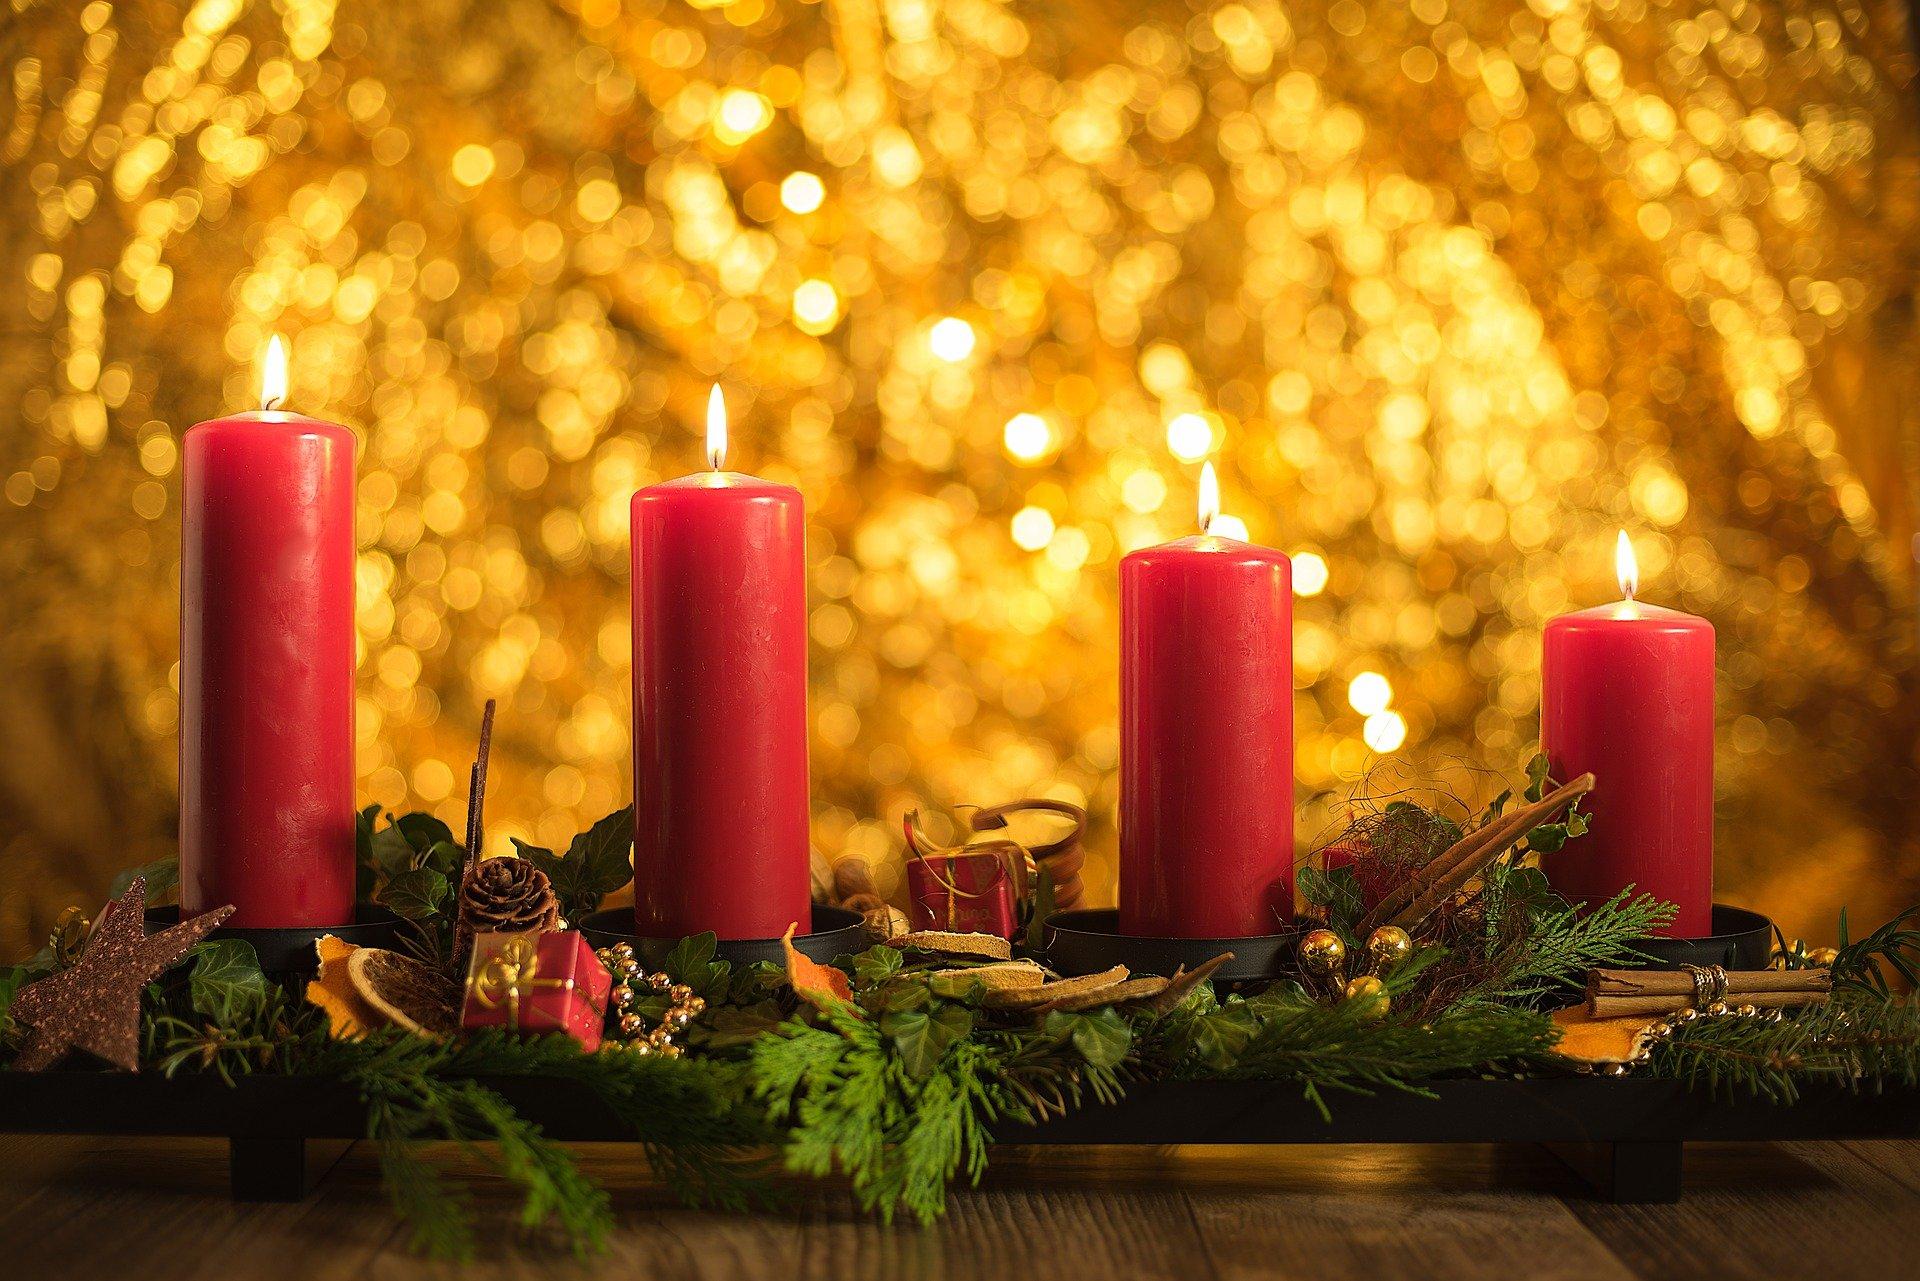 Áldott advent negyedik vasárnapját kívánunk!